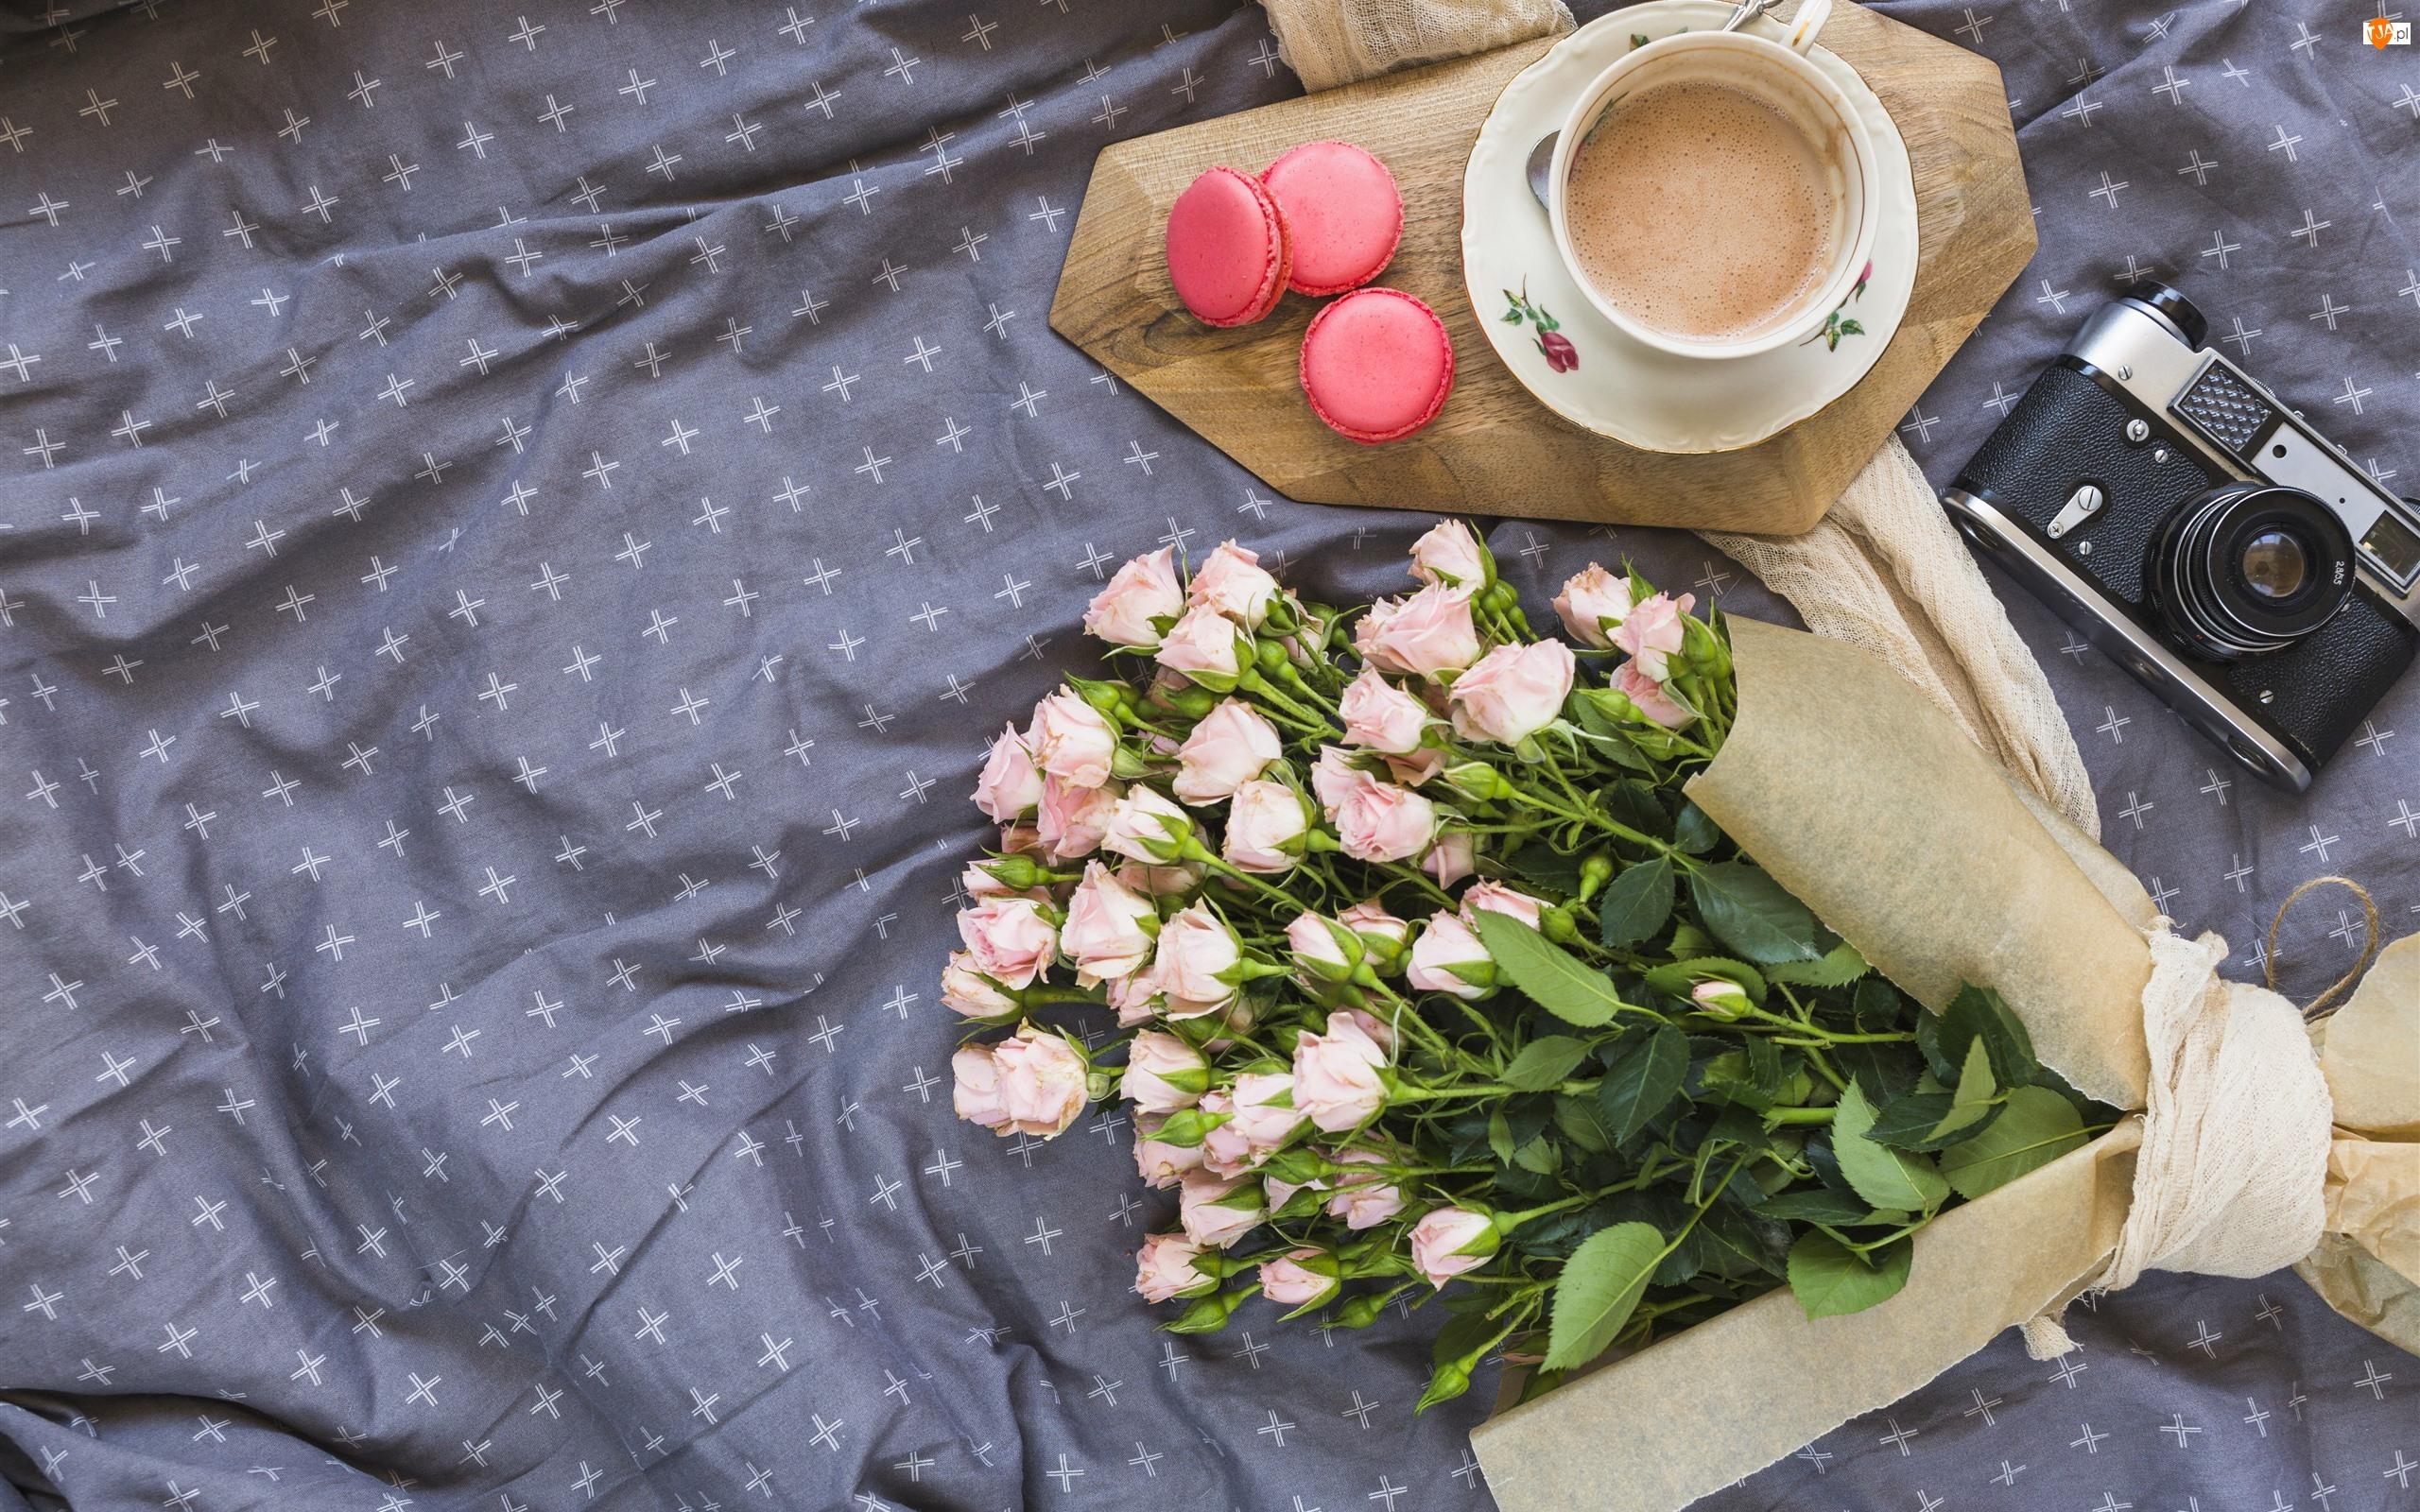 Bukiet, Róże, Kawa, Kompozycja, Filiżanka, Makaroniki, Aparat fotograficzny